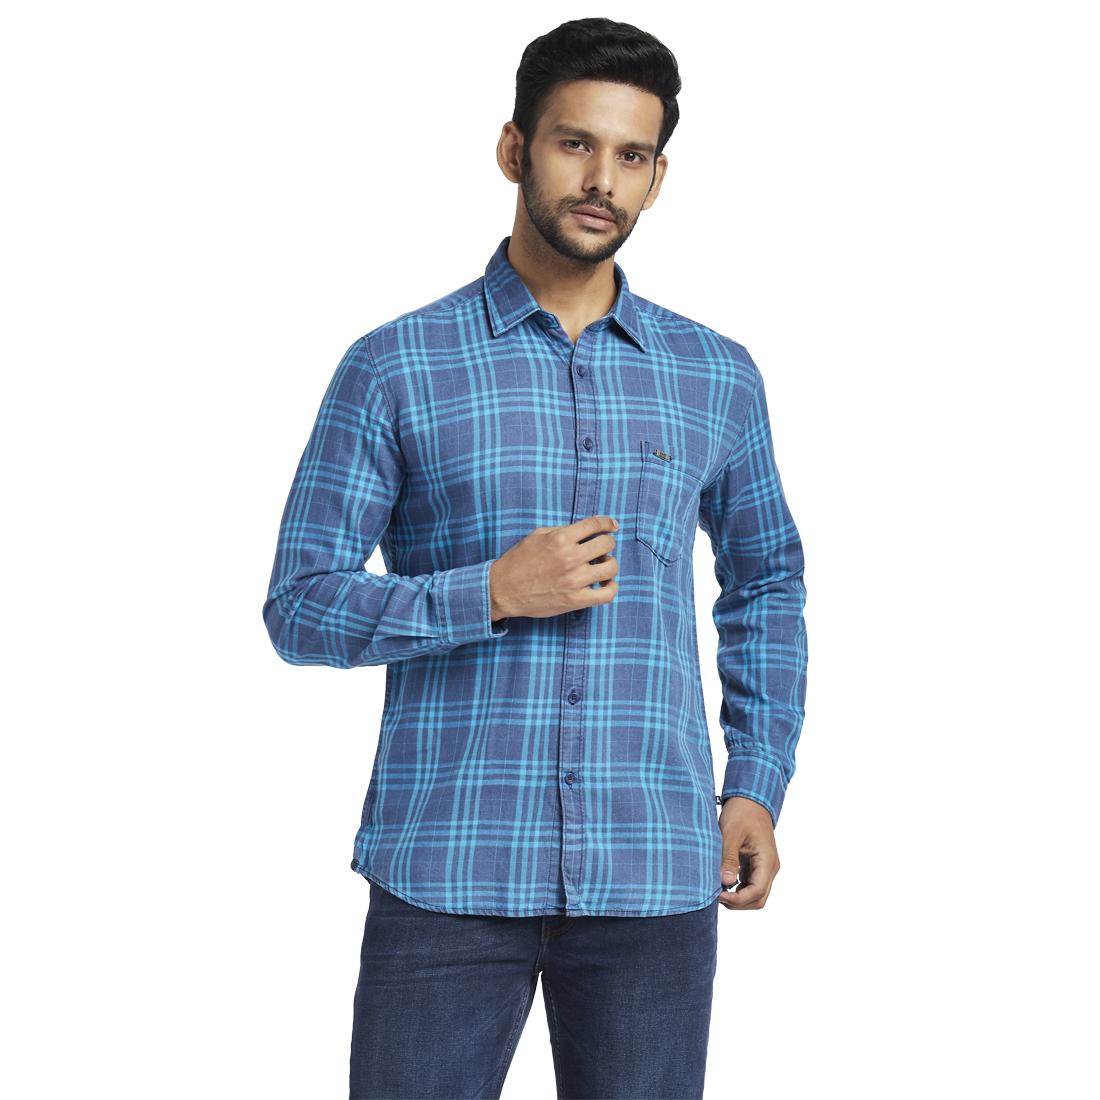 PARX | PARX Blue Casual Shirt